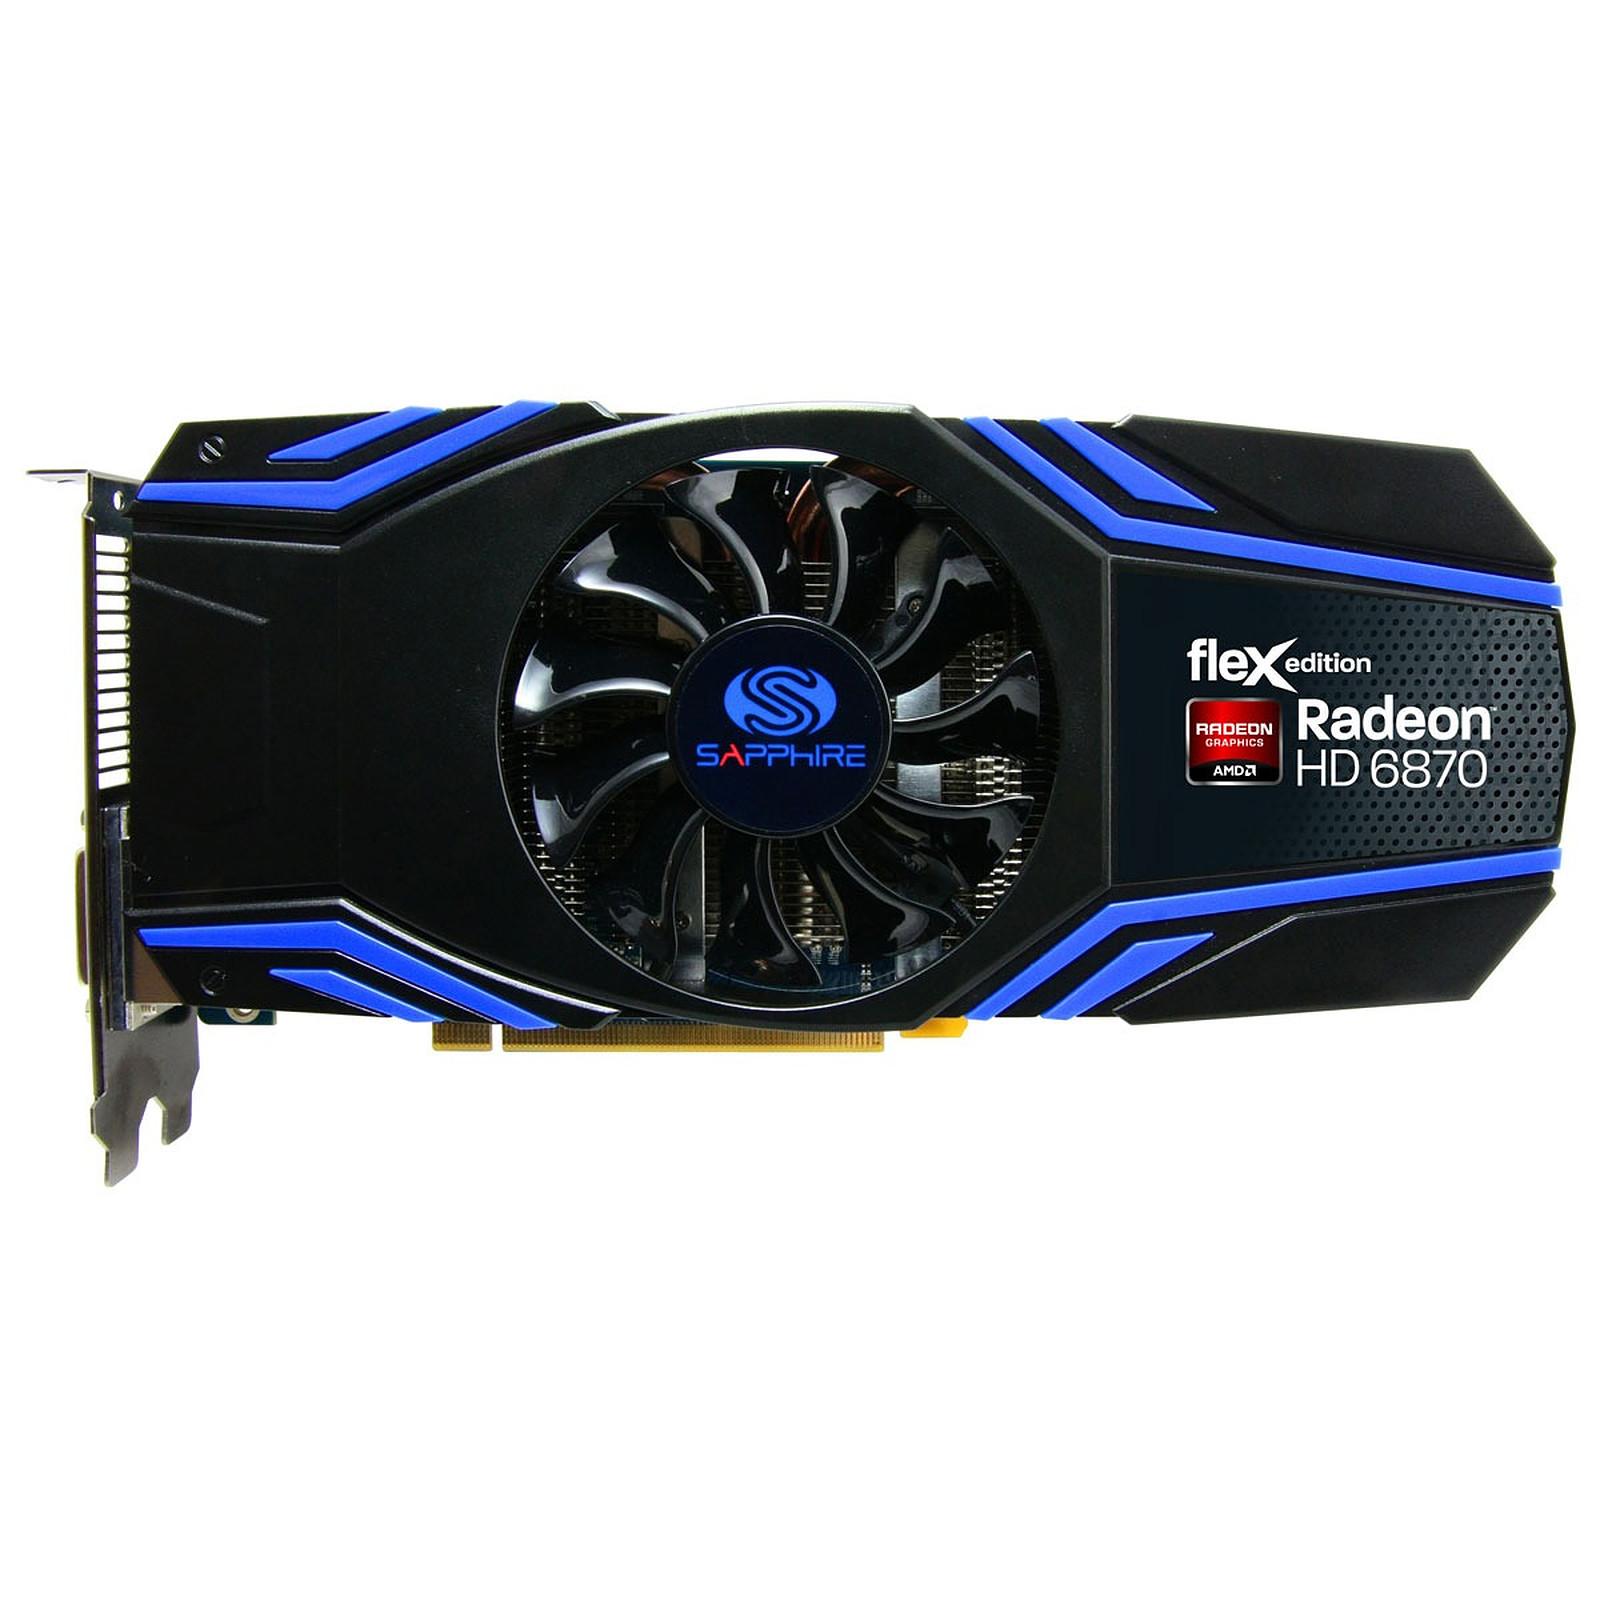 Sapphire Radeon HD 6870 FleX 1 GB